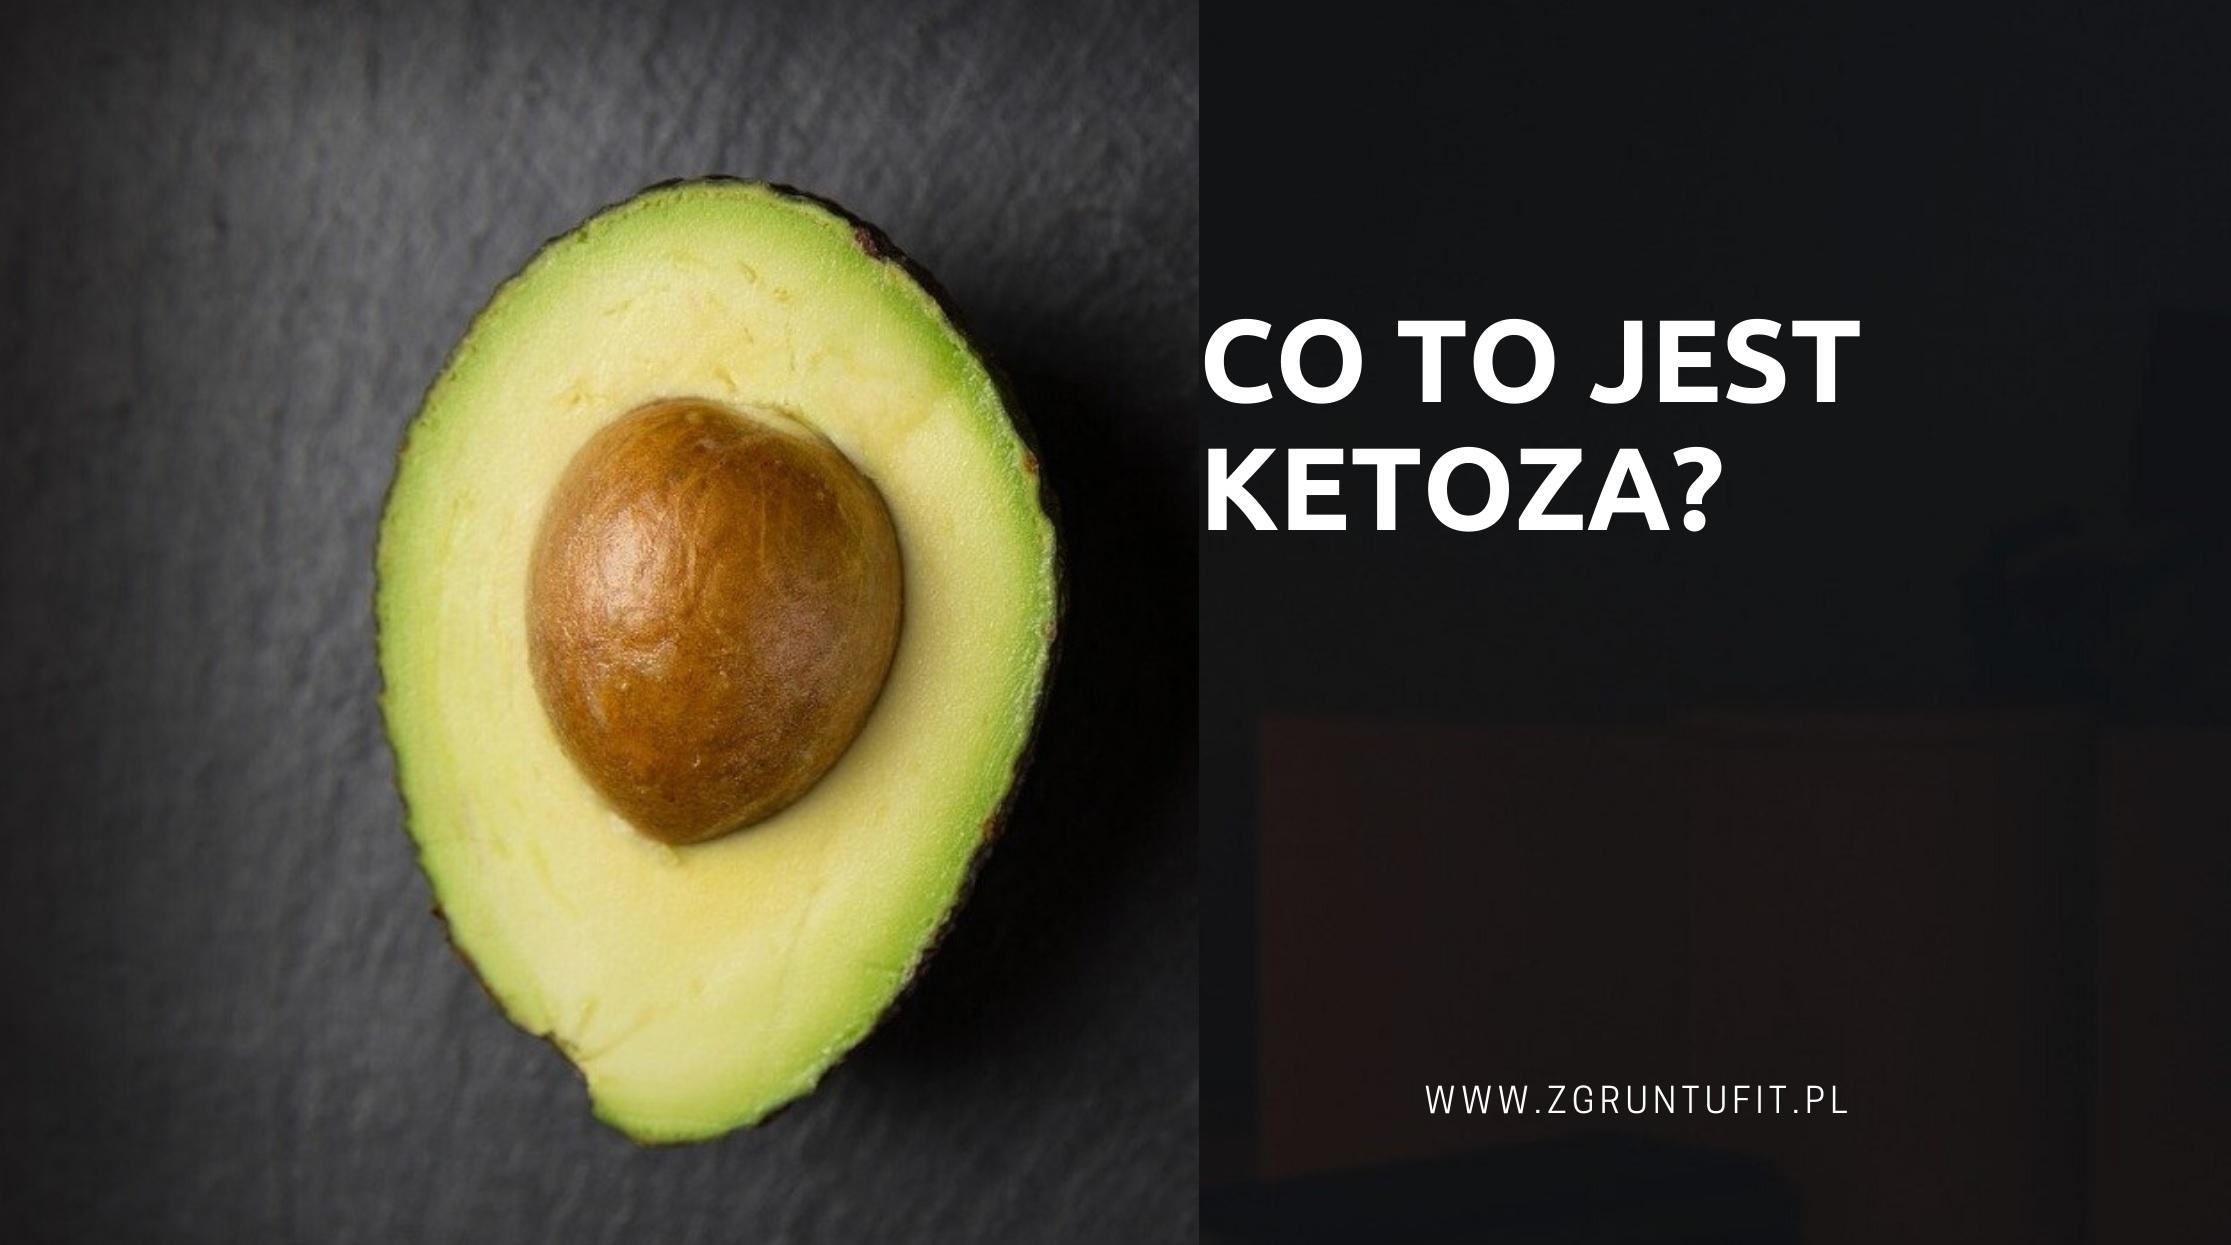 Co to jest ketoza?